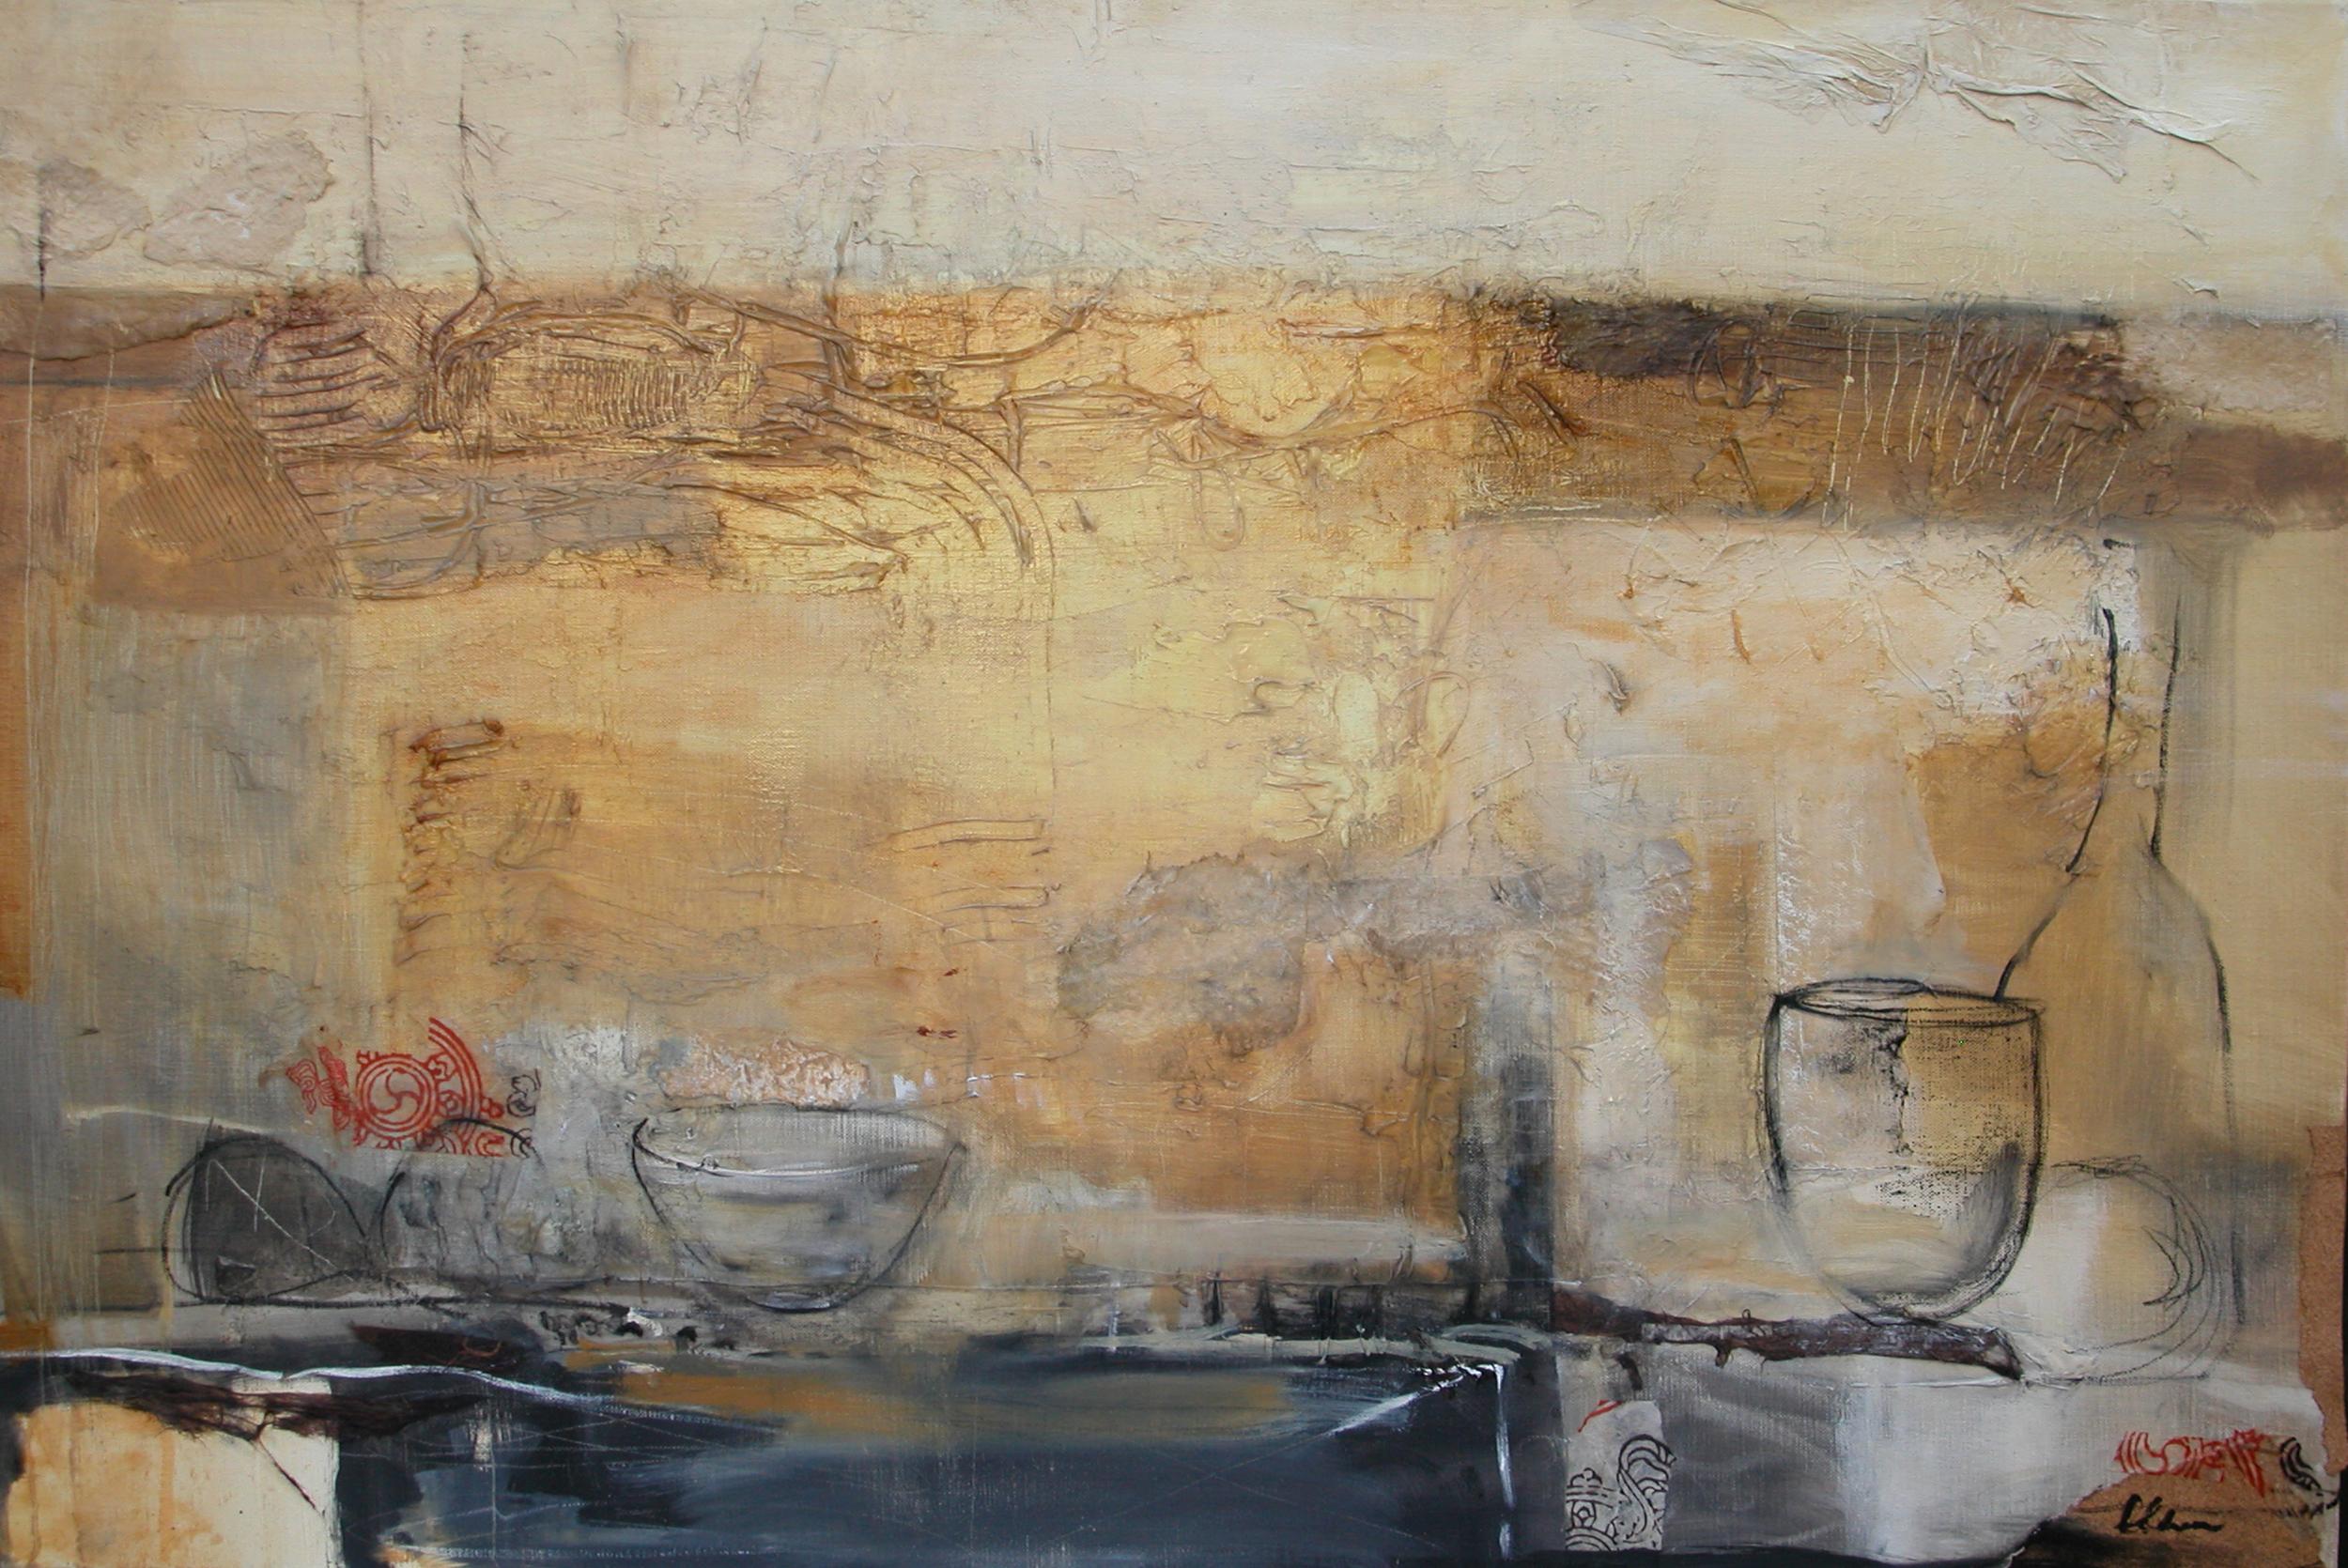 Abstract Still Life 92 x 61cm